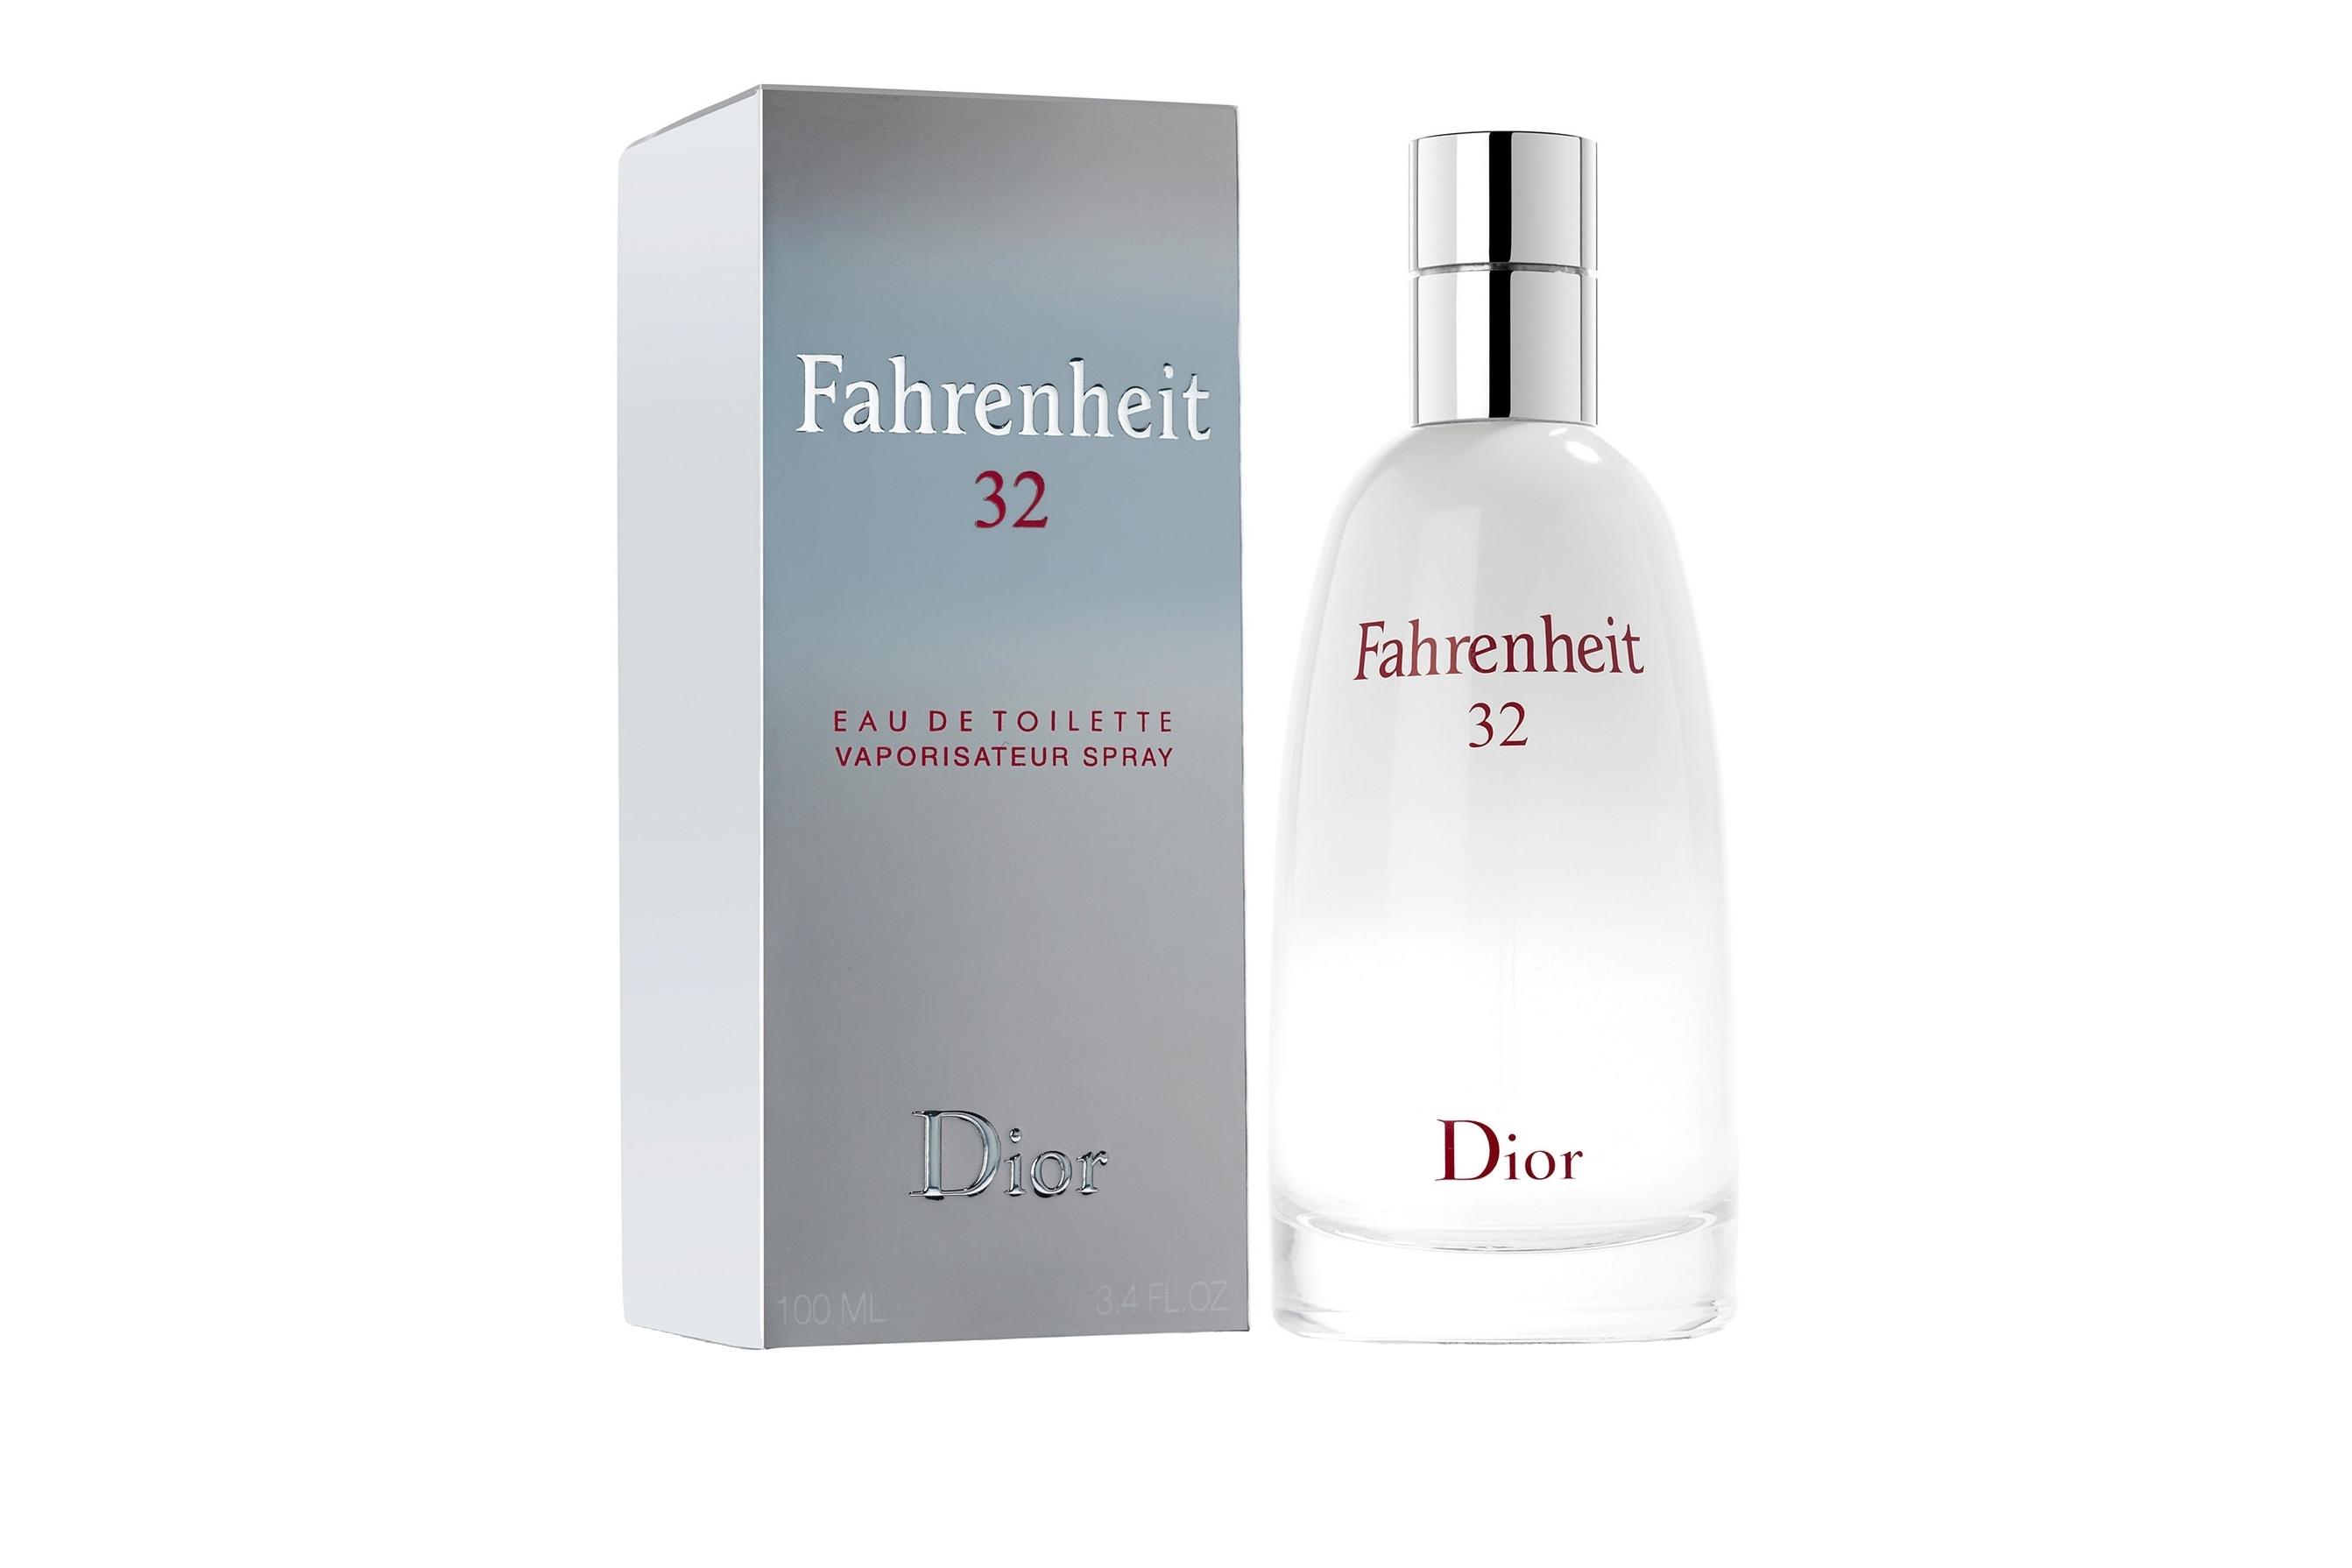 Fahrenheit 32 от Christian Dior. Fahrenheit 32 символизирует ледяную свежесть, состоит из сложной комбинации теплых, восточных мотивов, навеянных нежными, хрустальными и, немного терпкими цветами апельсинового дерева, чувственной сладостью ванили и лесной свежестью ветивера. Новый парфюм поражает волнующим и противоречивым благоуханием, одновременно теплым и холодным, свежим и терпким, создавая фантастическую комфортную атмосферу вокруг, притягивающую мужественных и чувственных мужчин, жизнь которых полна контрастов.